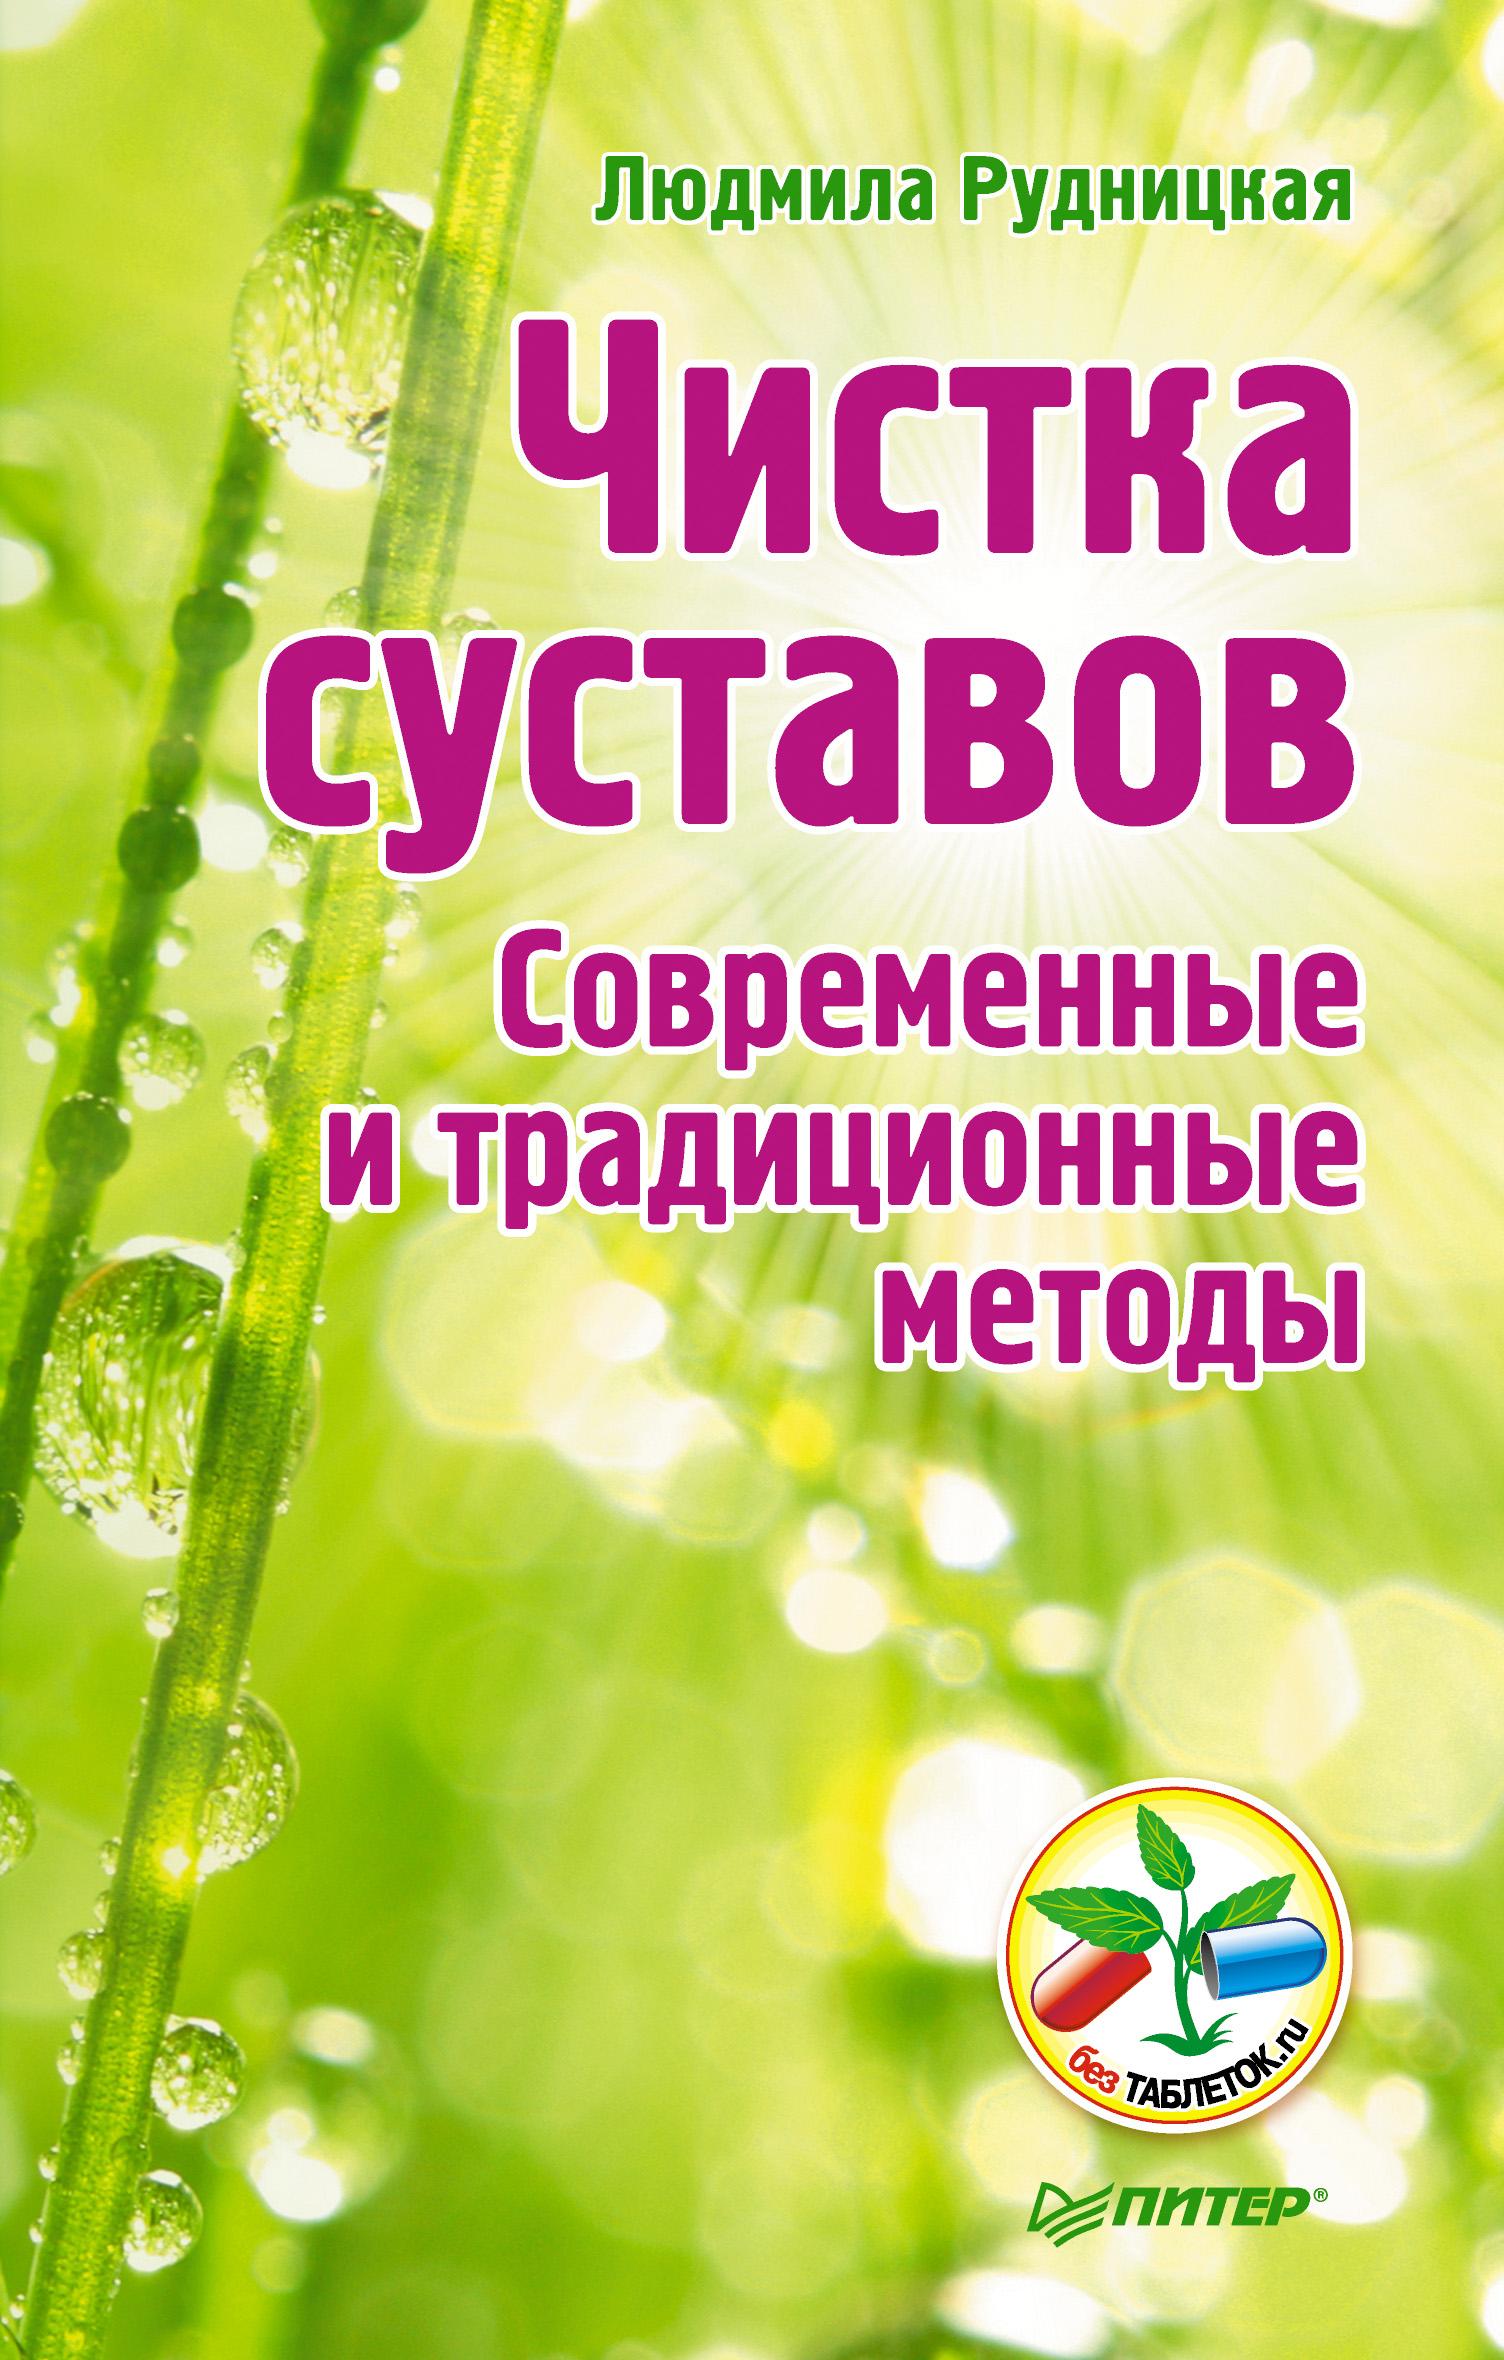 Людмила Рудницкая Чистка суставов. Современные и традиционные методы цена 2017